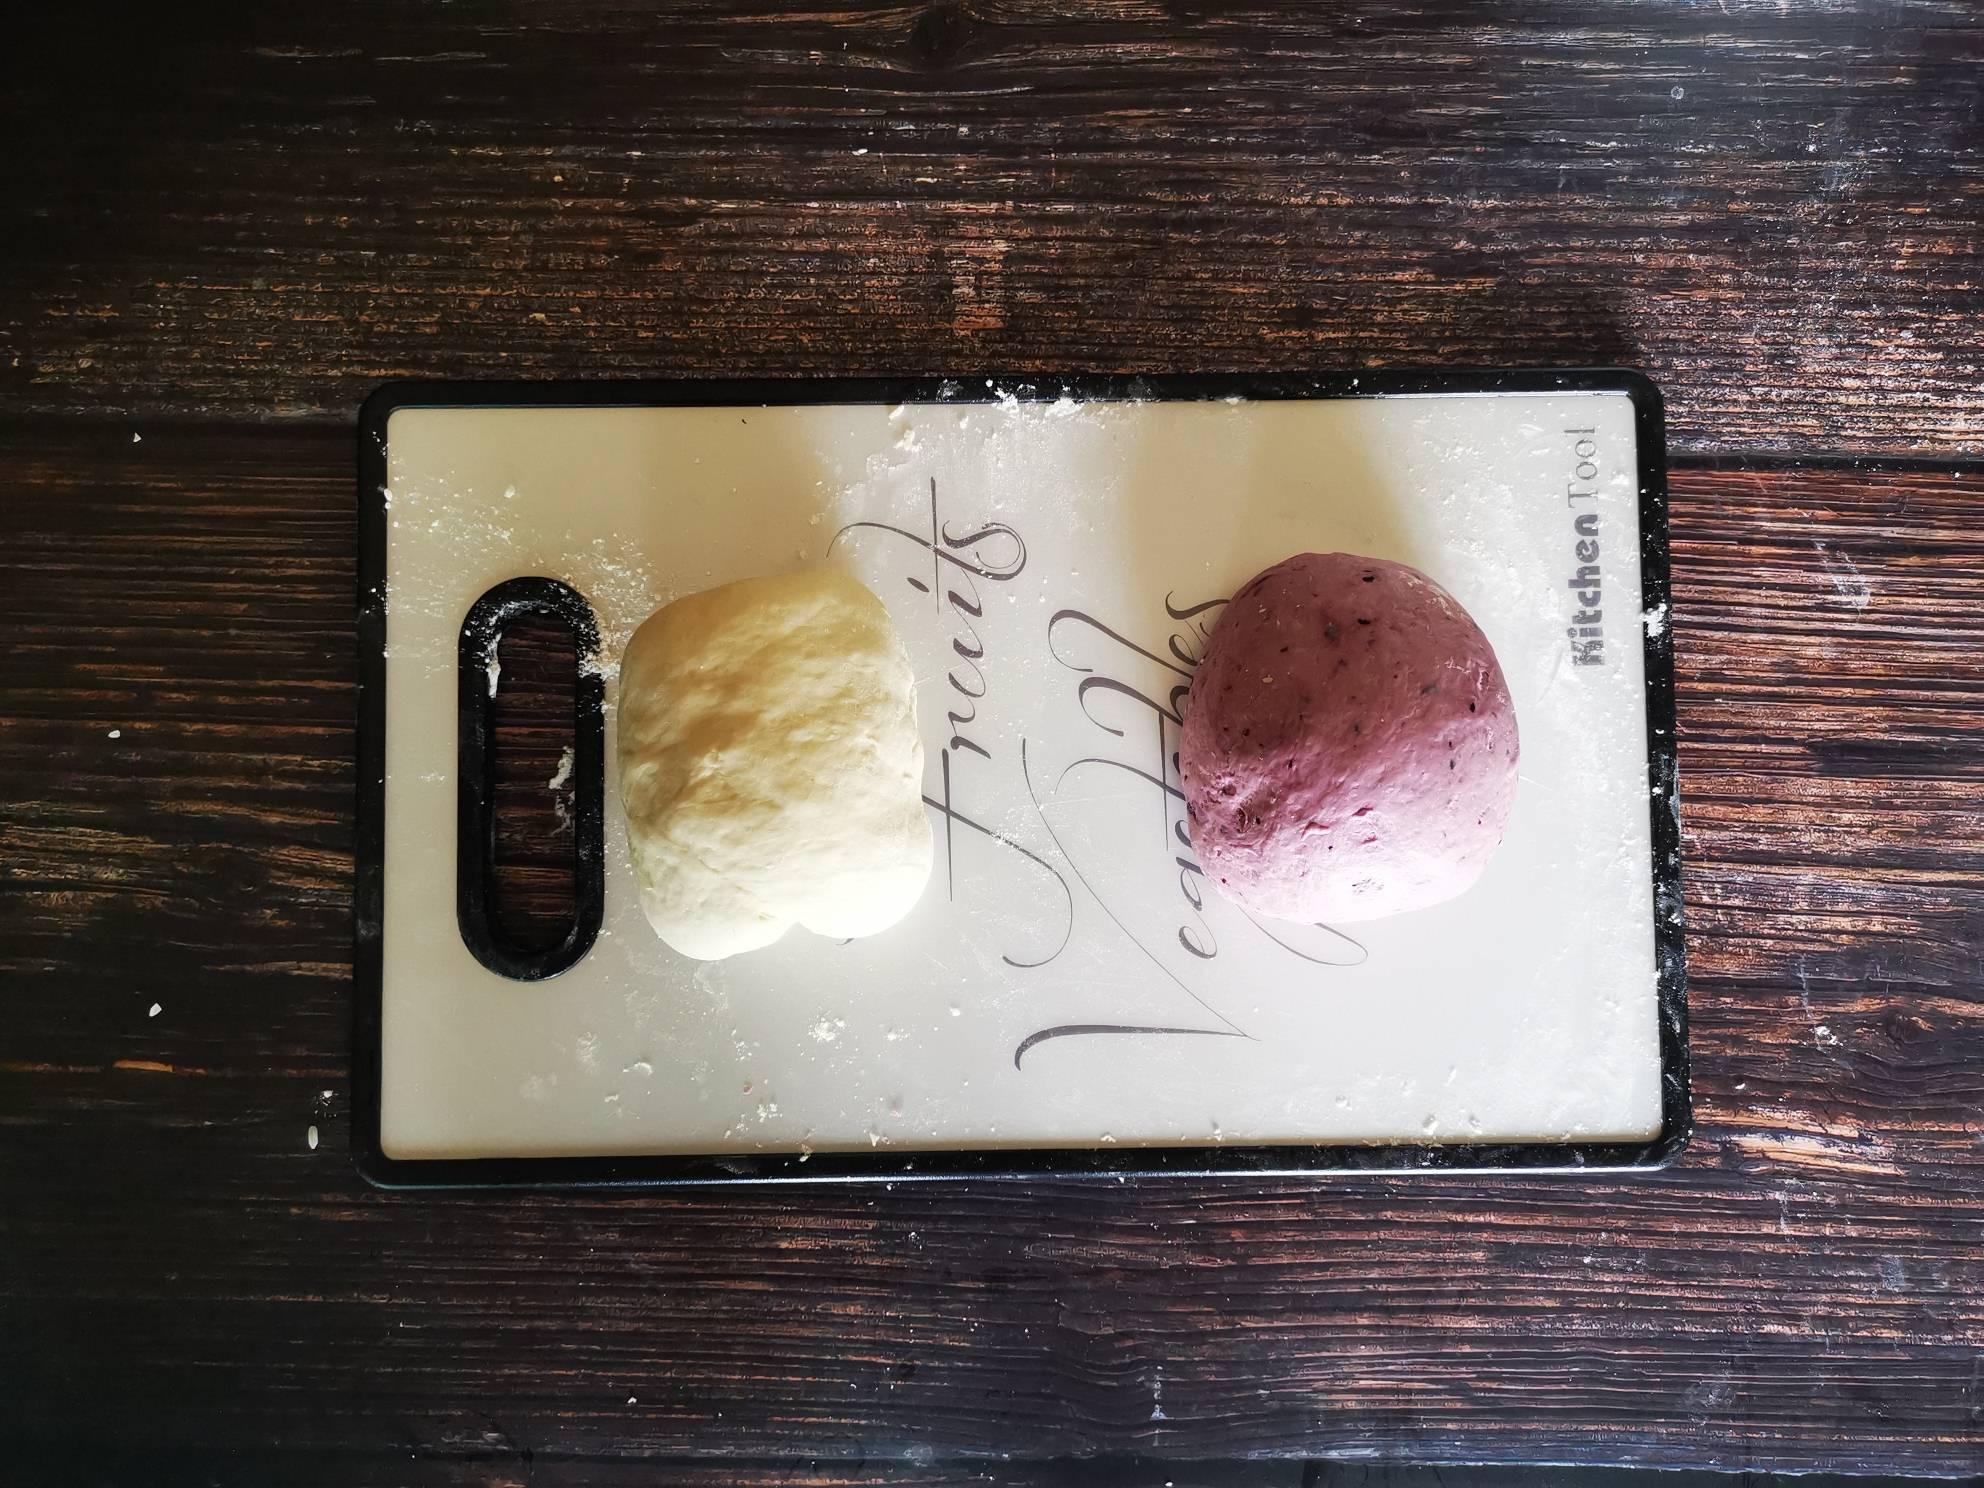 桑椹双色花卷怎么吃